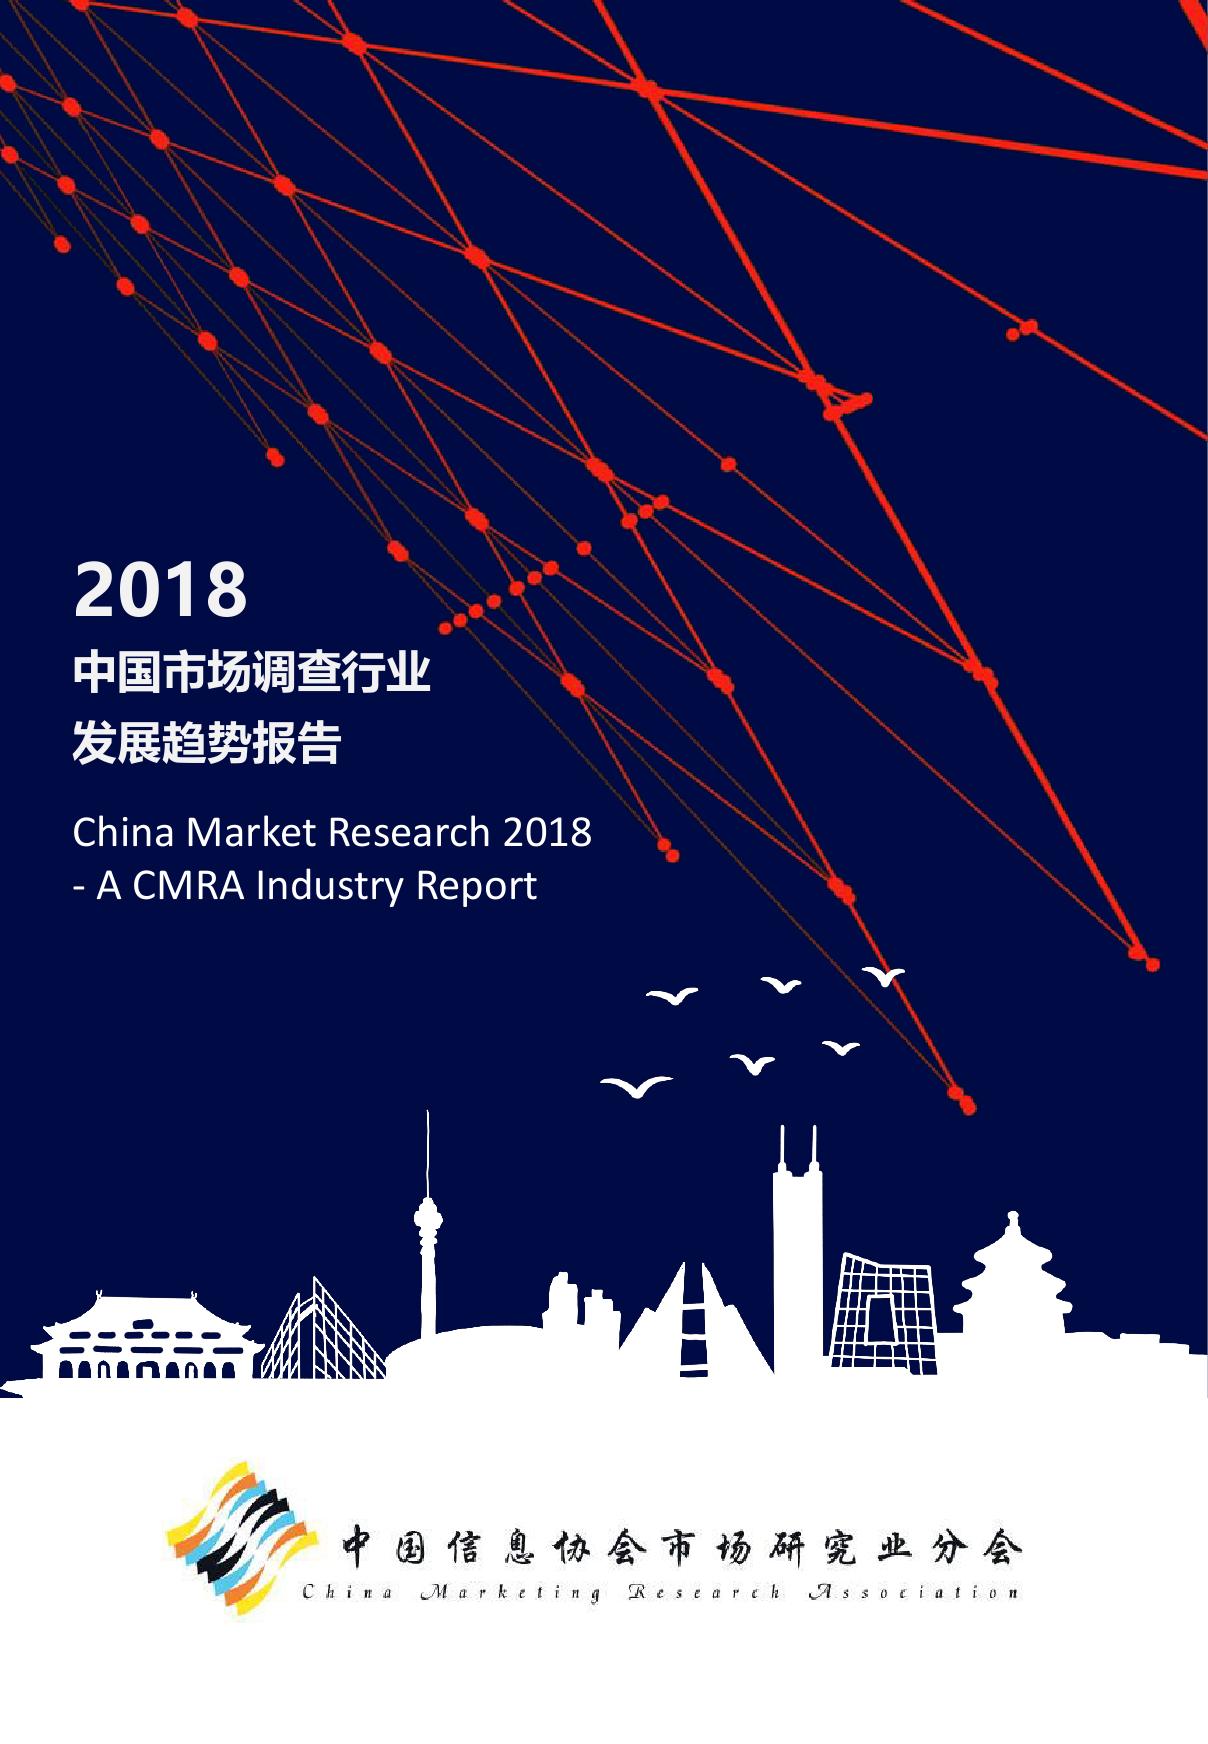 市场研究协会:2018中国市场调查行业发展趋势报告(附下载)